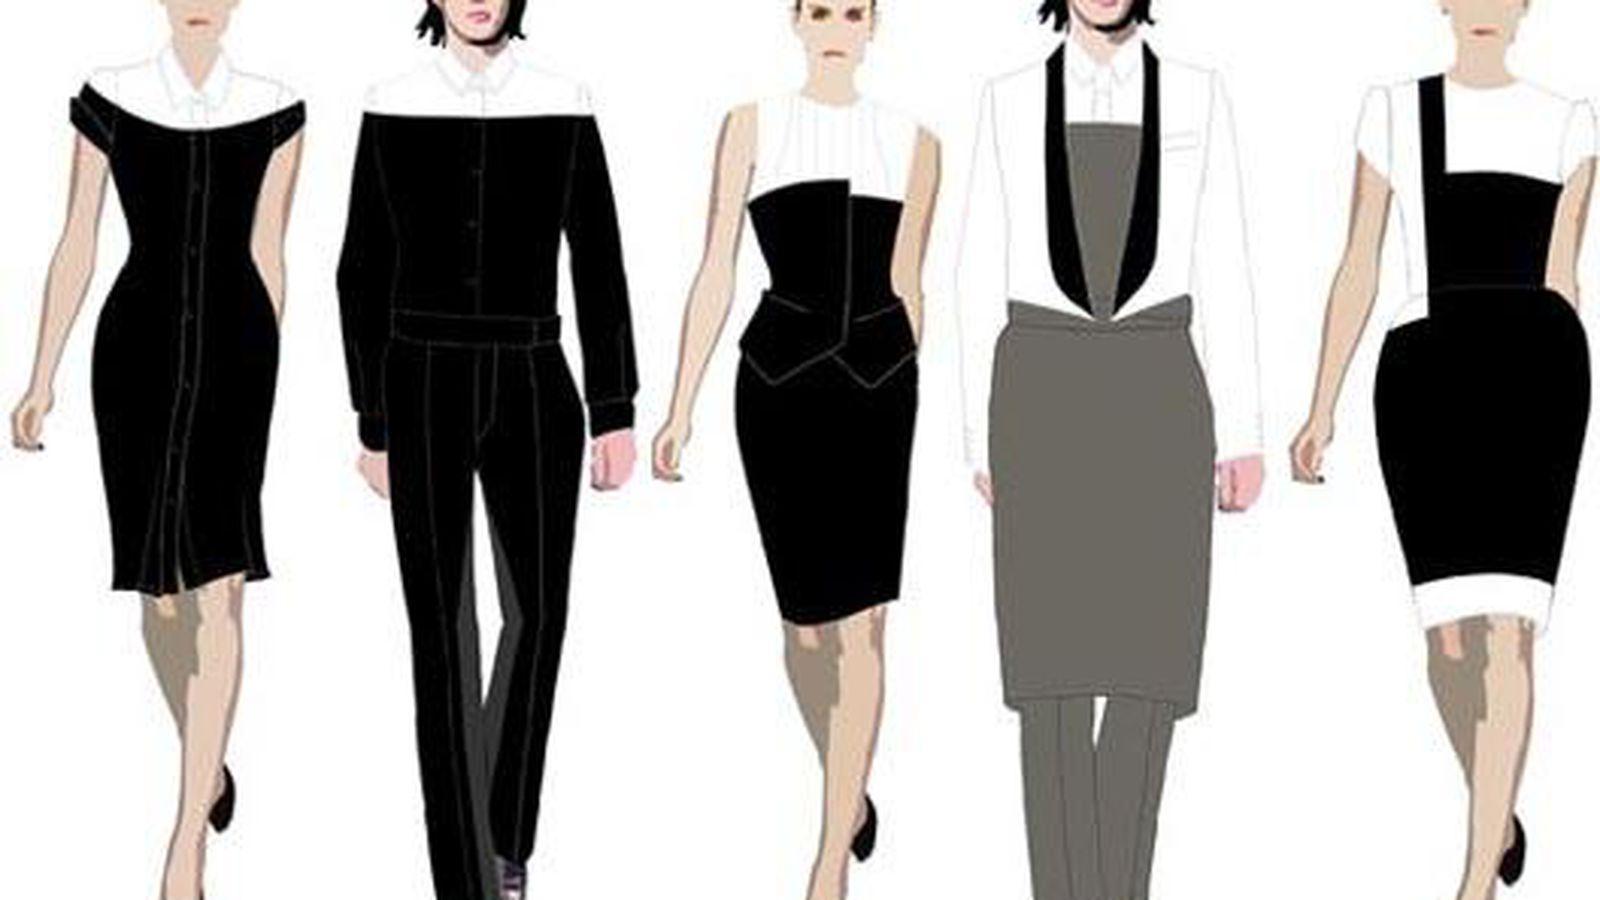 Uniformwire sbe 39 s designer duds for sls bazaar staff for Uniform spa sistemi per serramenti